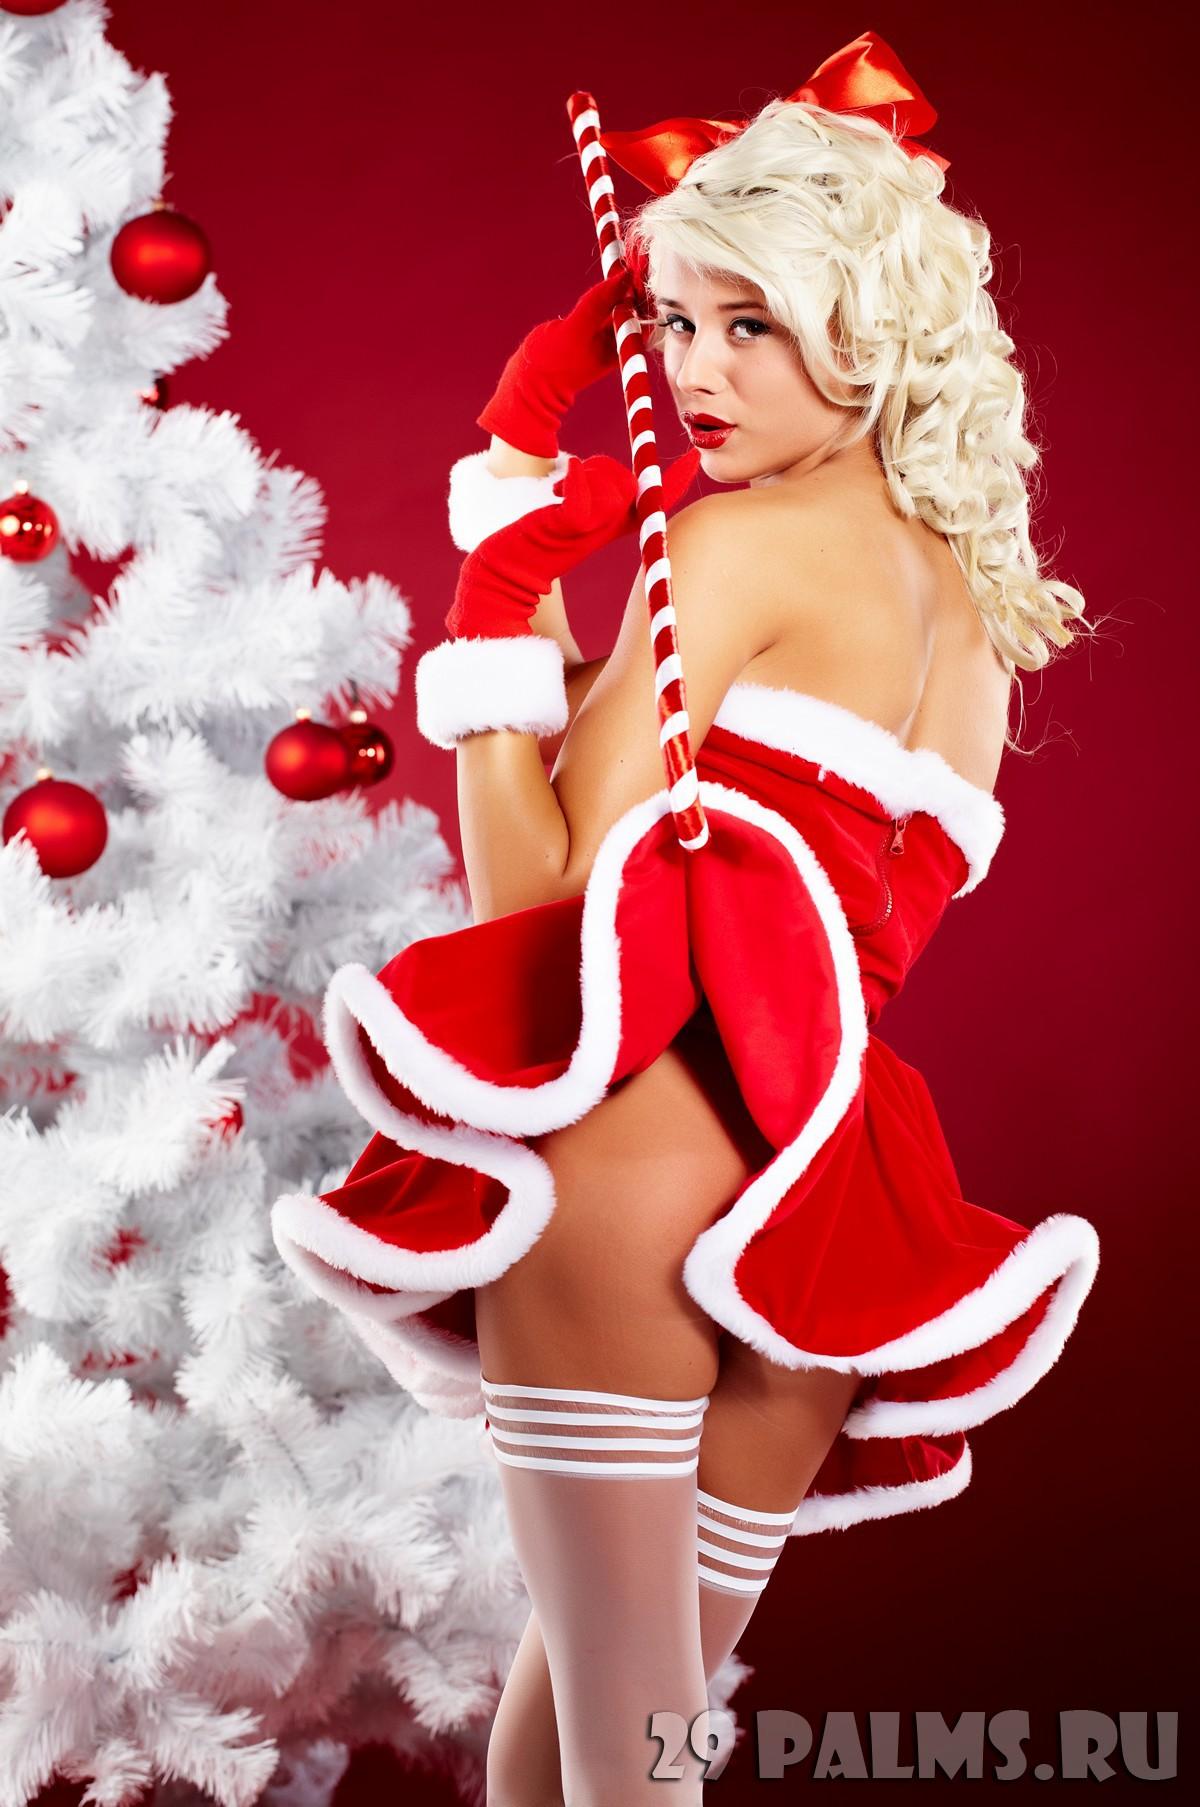 Санта клаус и проститутки 14 фотография